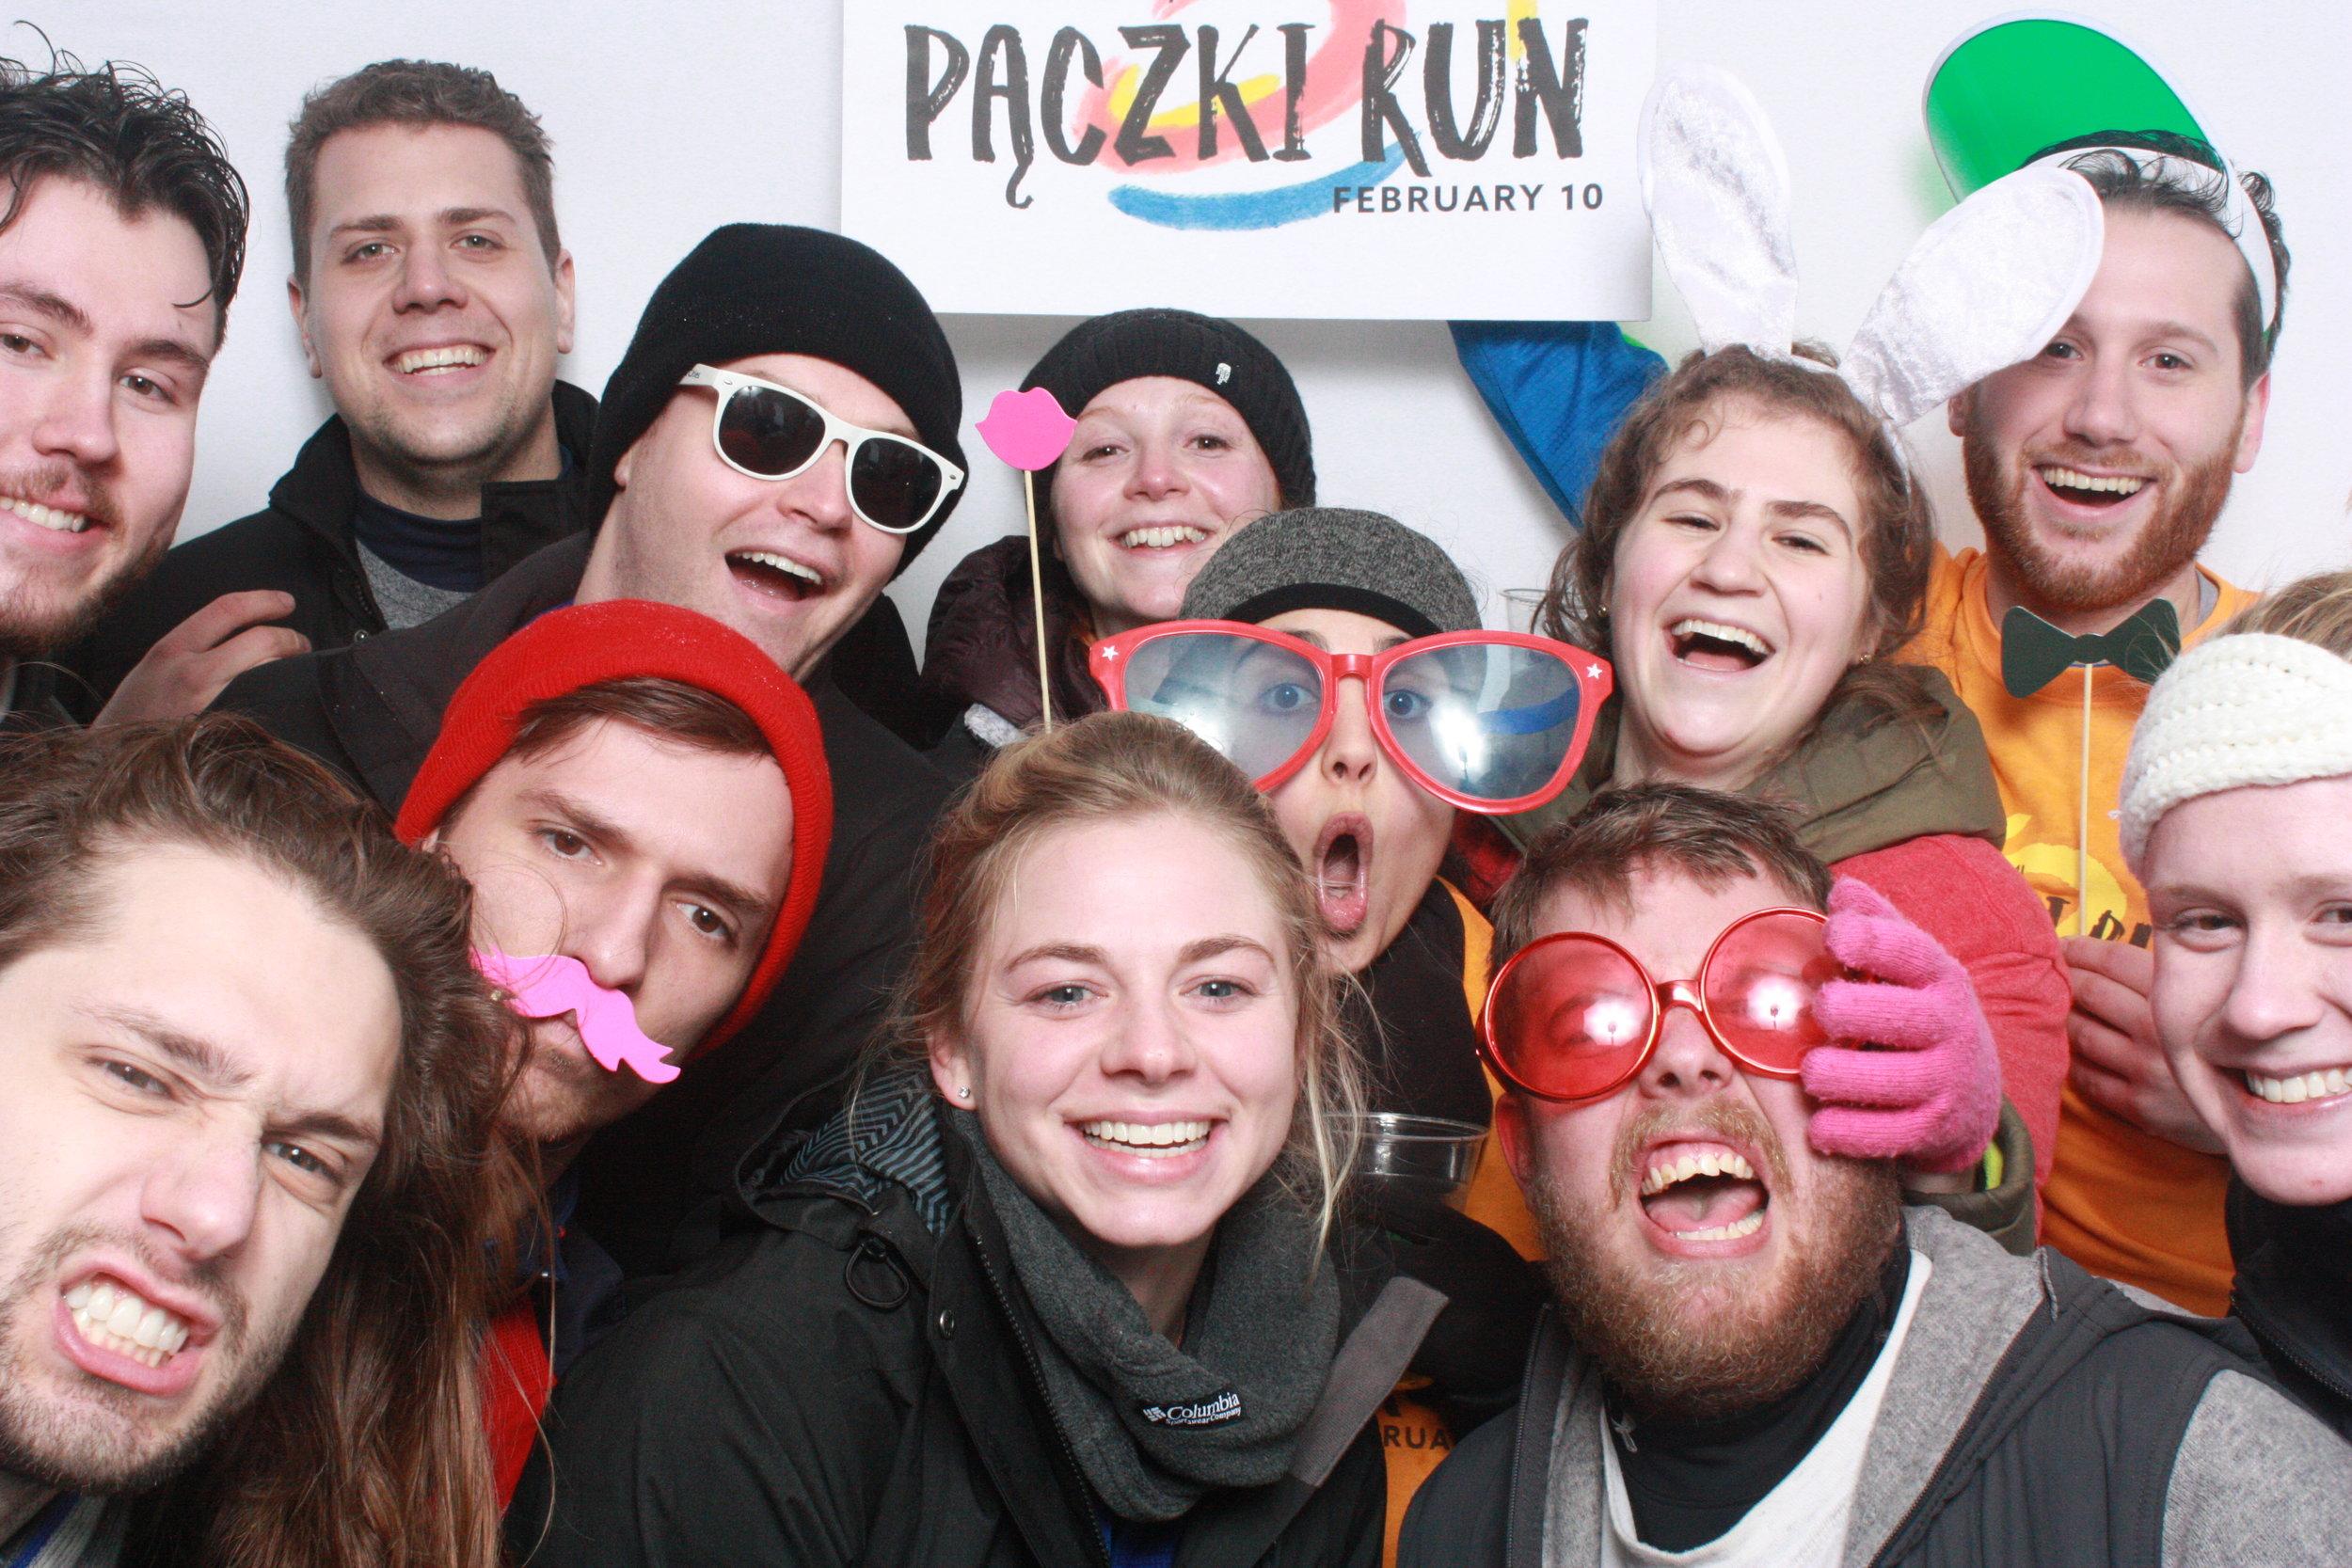 Packzi Run